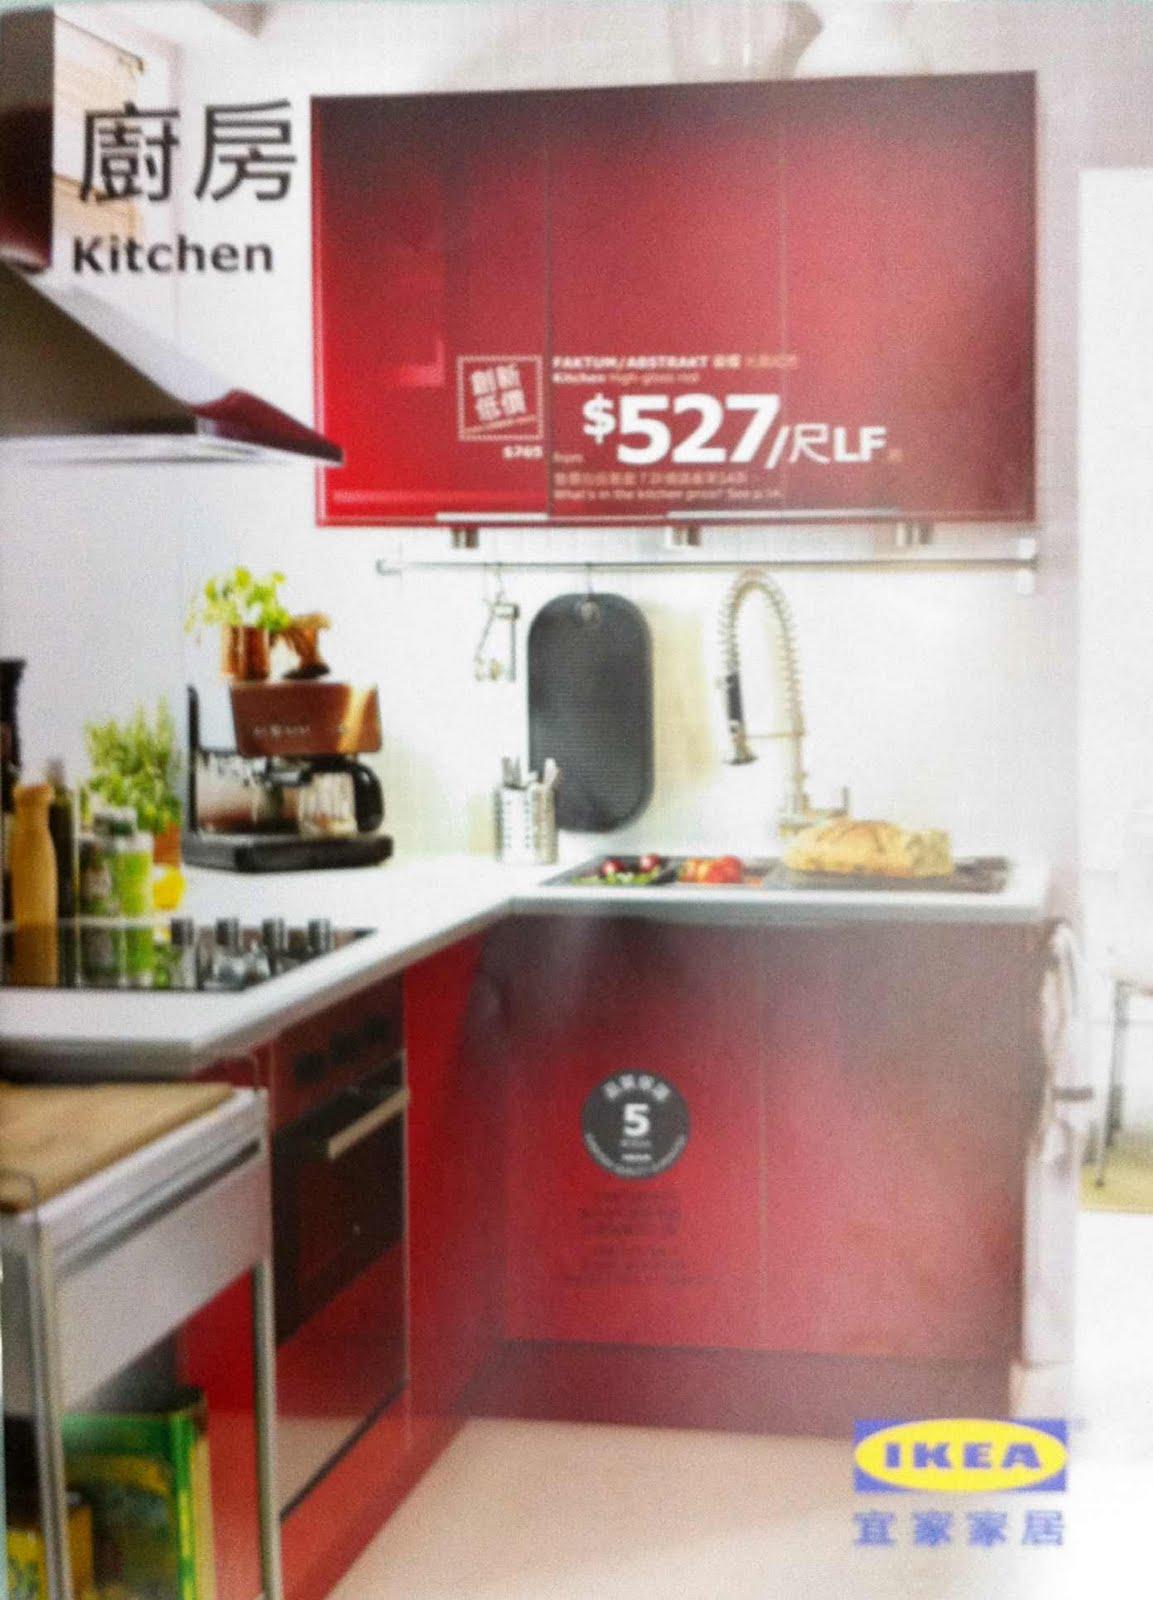 Mindblogging Stuff Ikea 2012 Catalogue